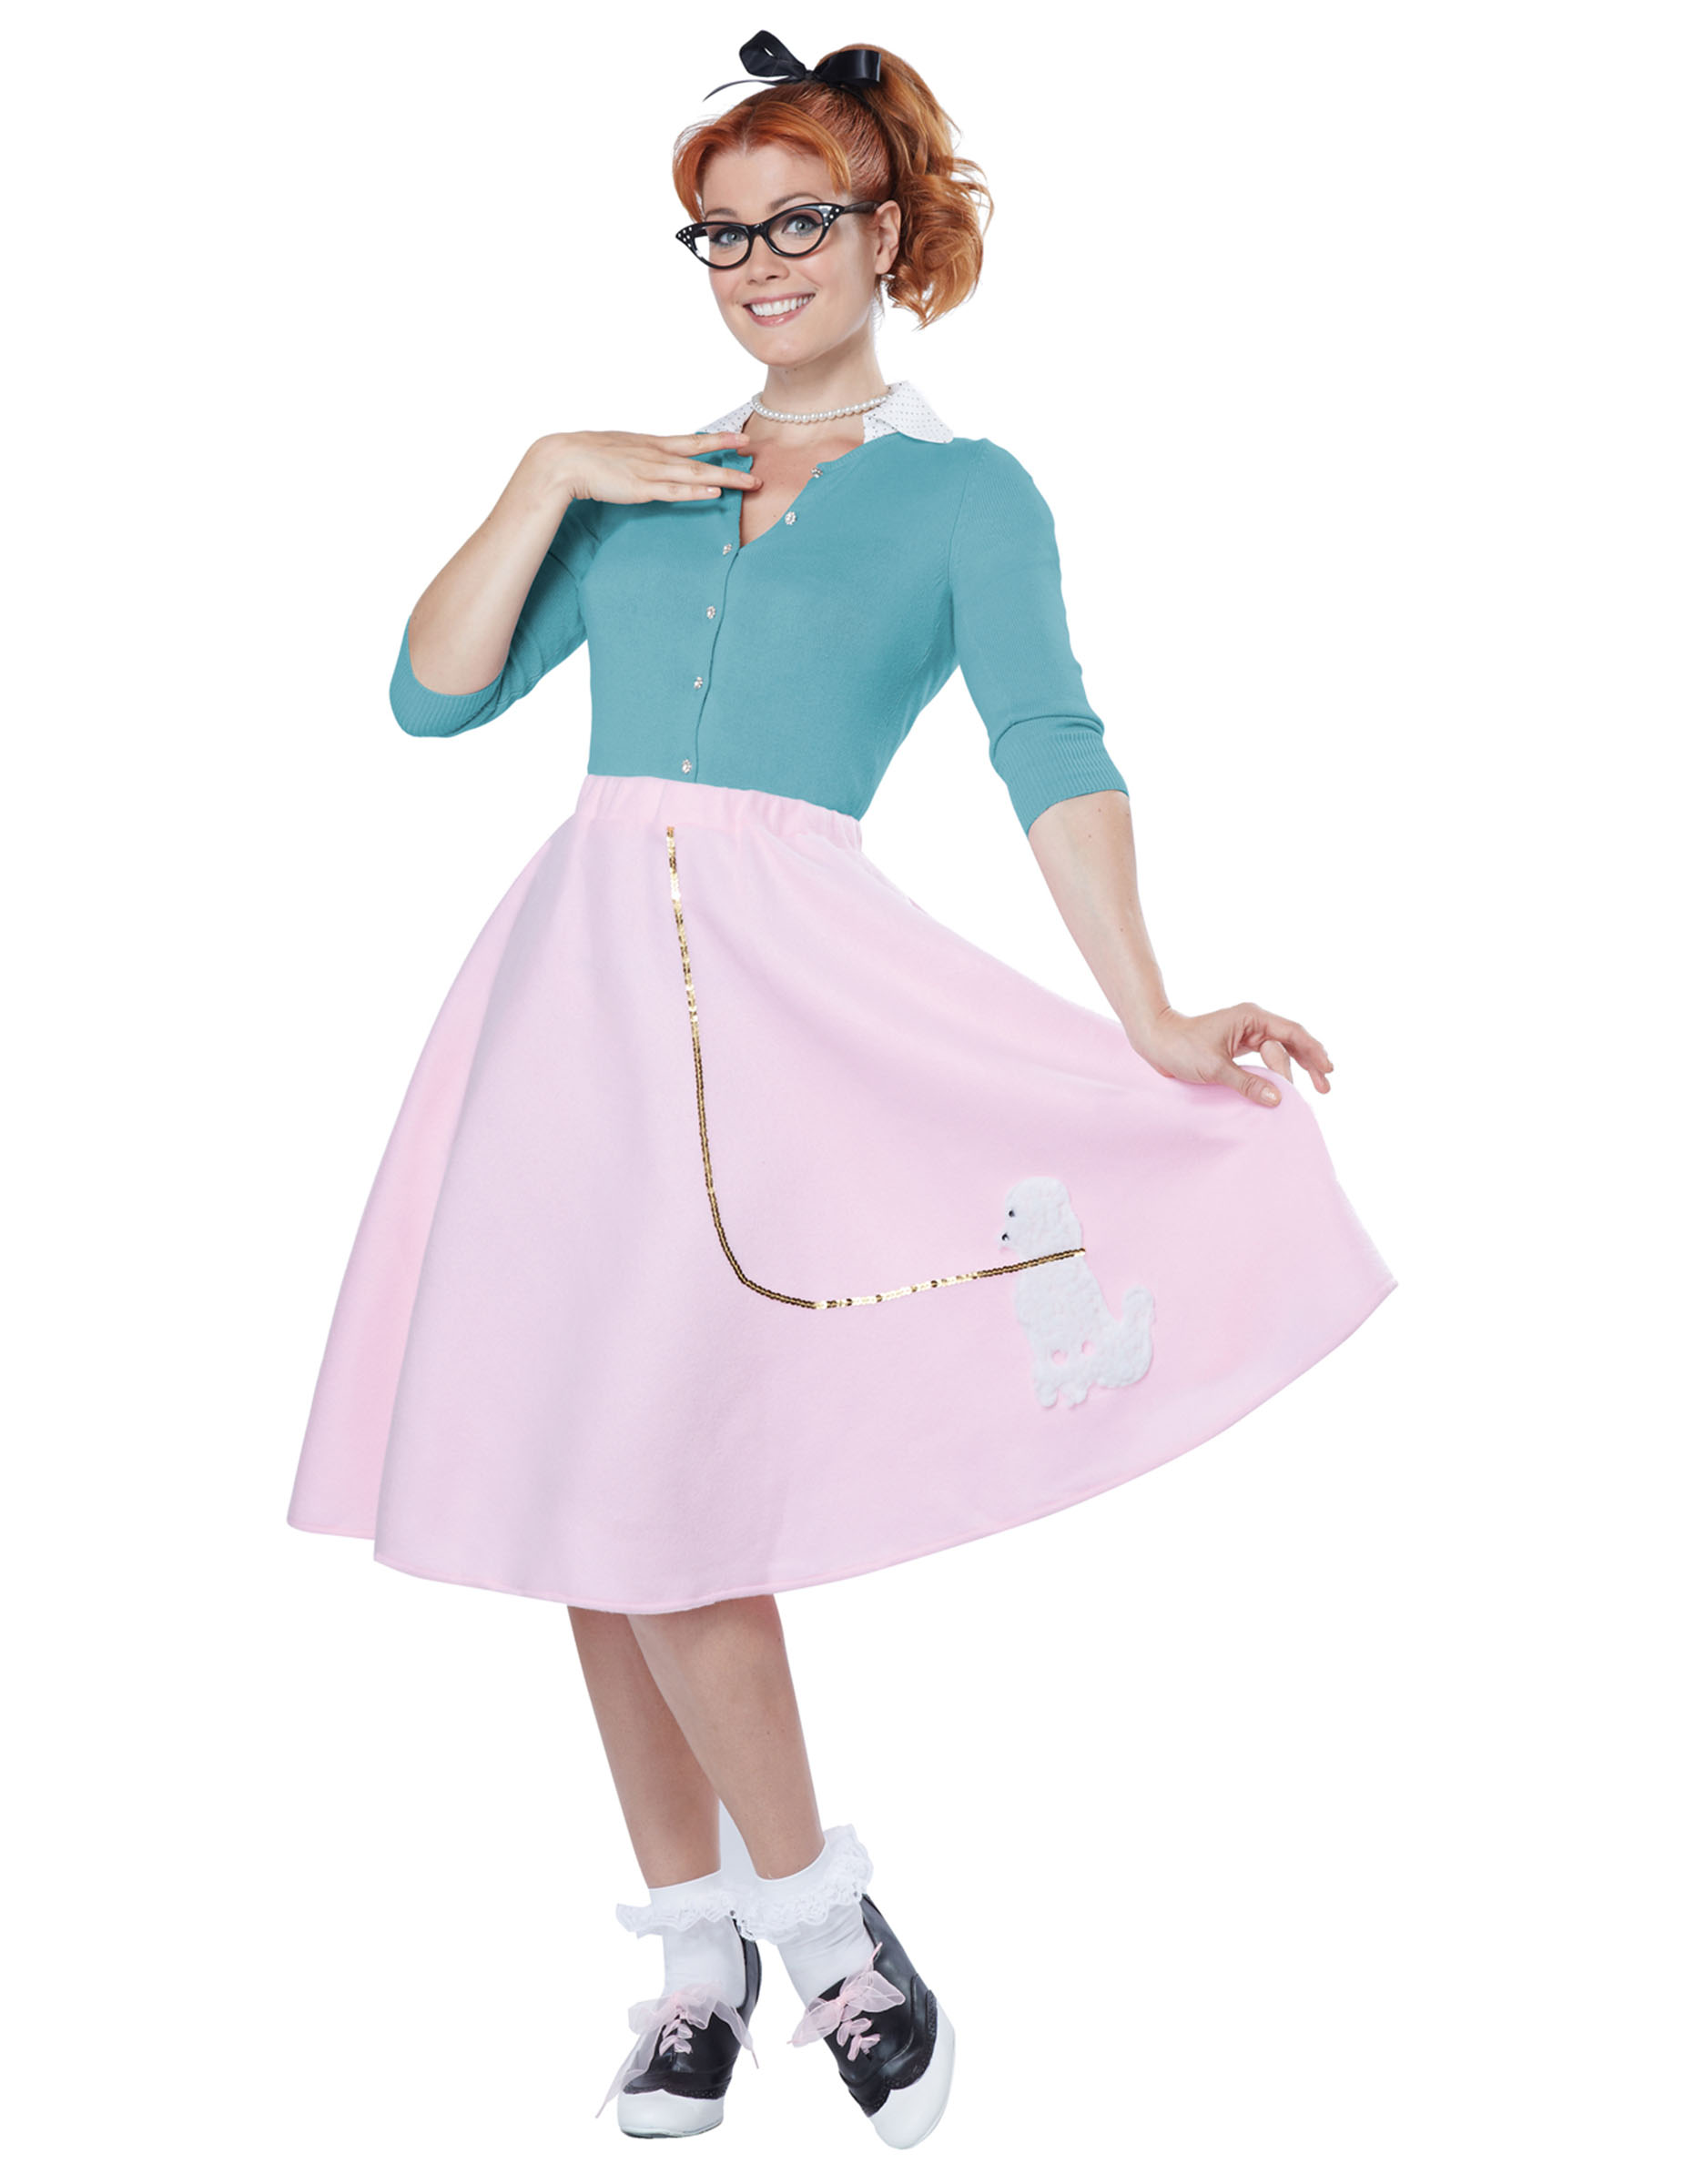 Disfraz años 50 mujer rosa  Disfraces adultos 4339a8f9f49